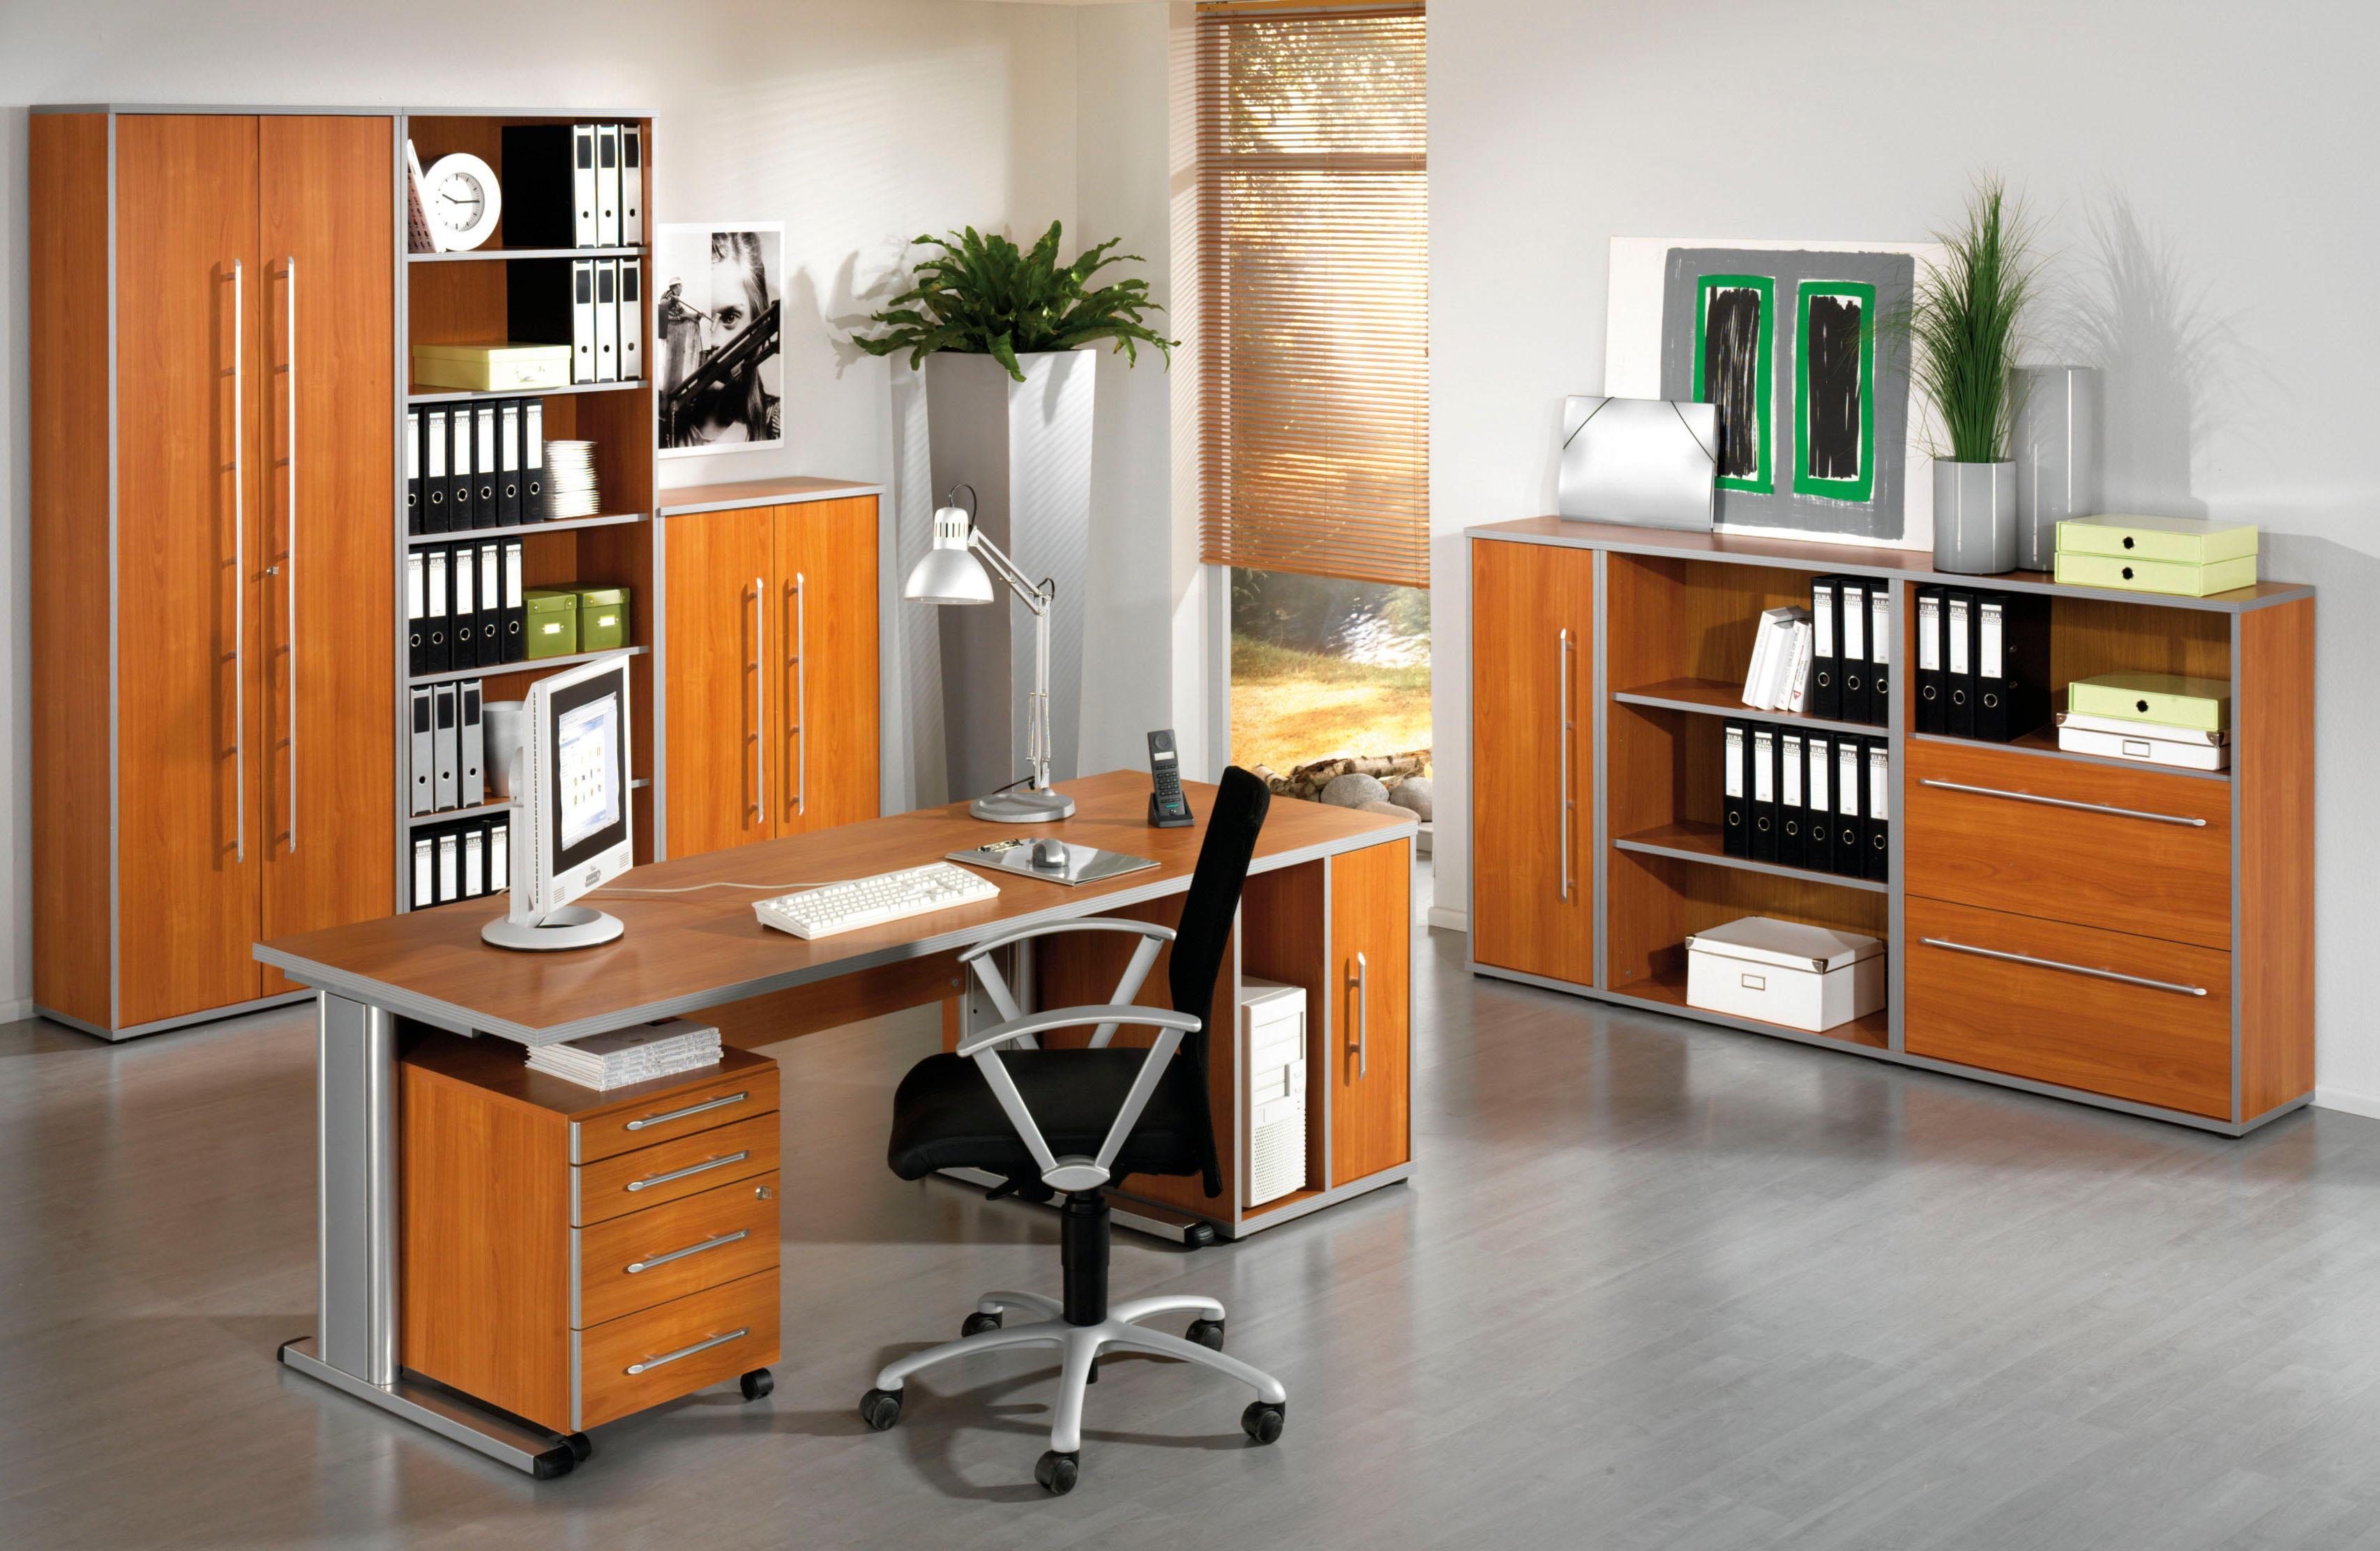 Wellemöbel, Tool, Schreibtisch, 80 x 80 cm, Buche: Amazon.de: Küche ...